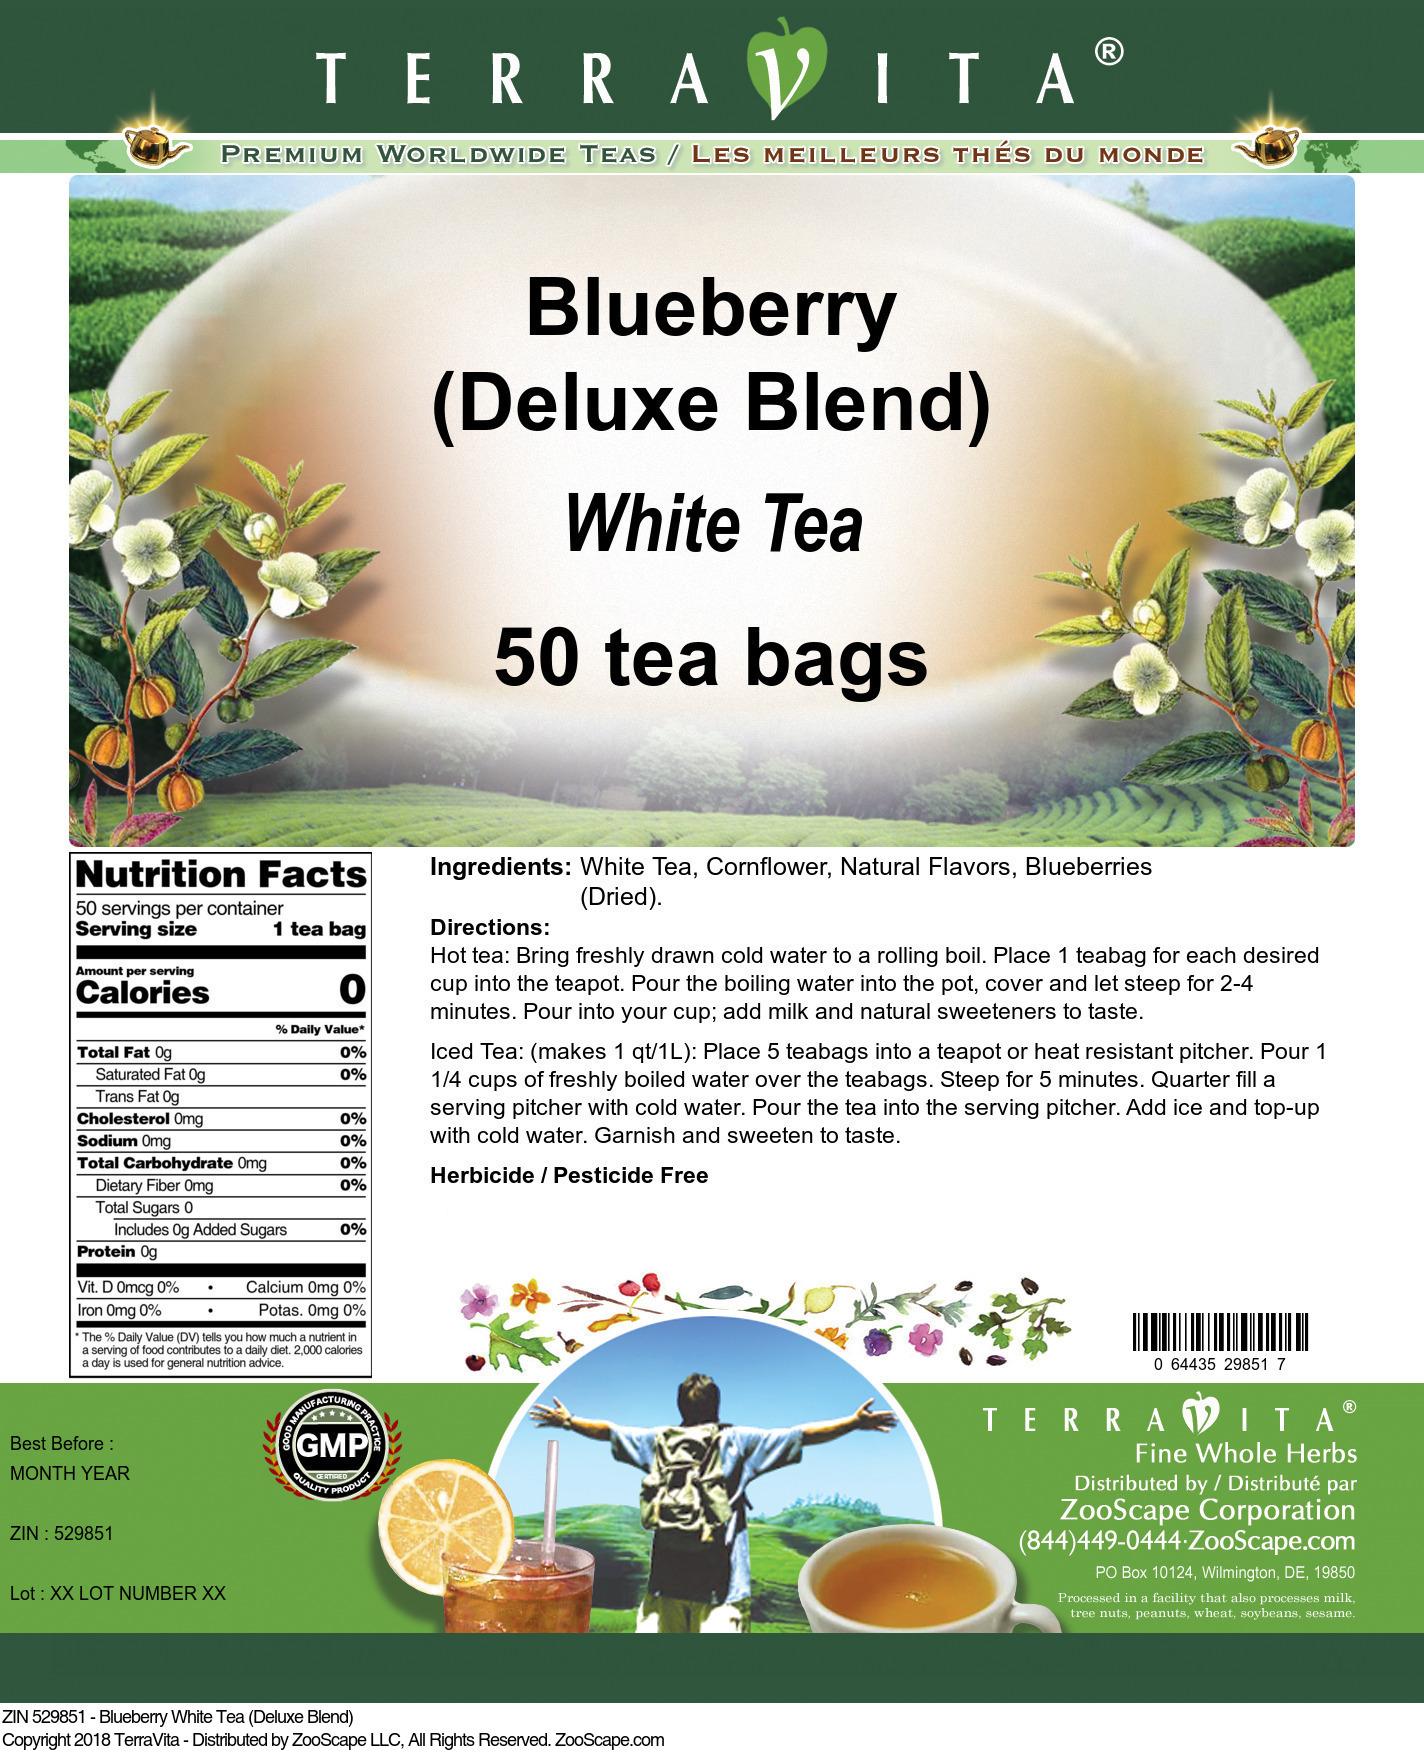 Blueberry White Tea